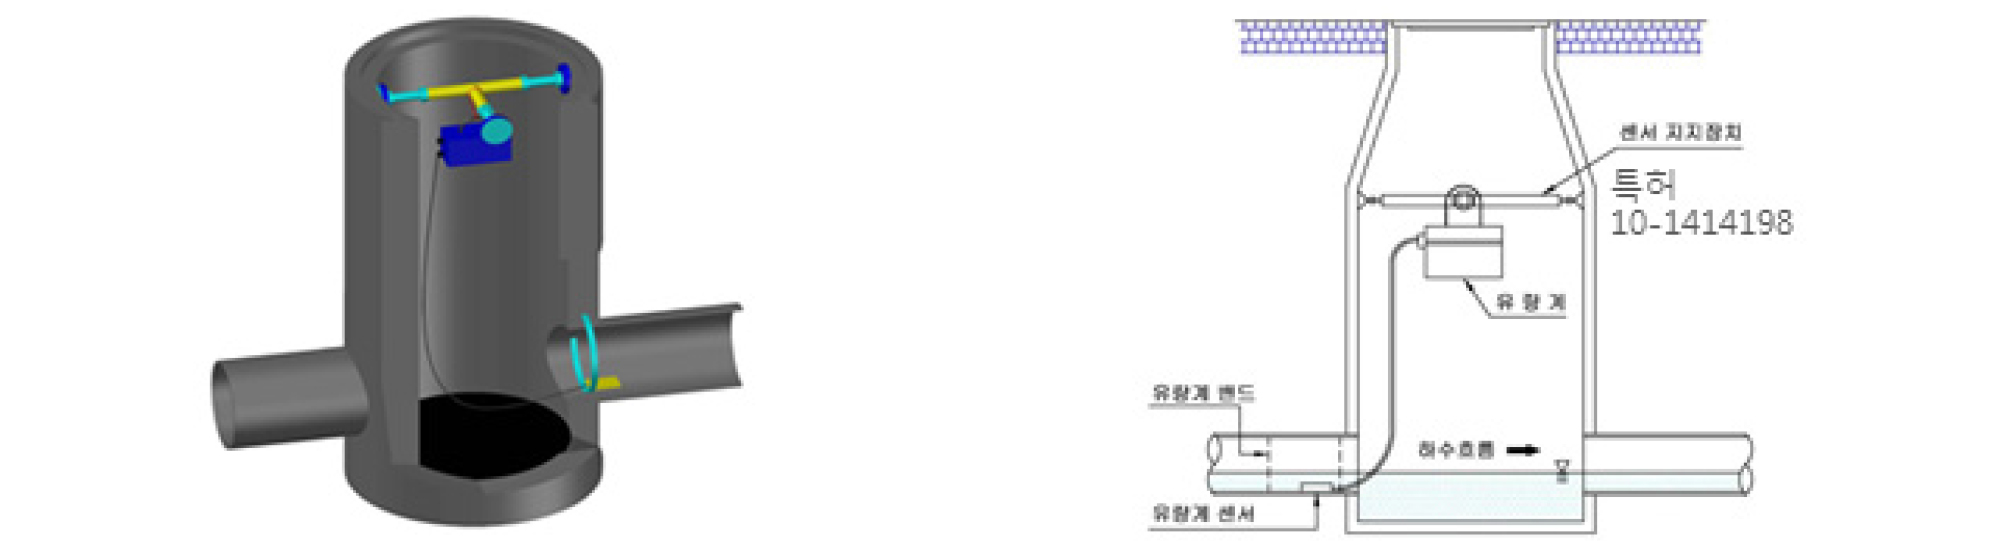 http://static.apub.kr/journalsite/sites/ksds/2019-012-03/N0240120304/images/ksds_12_03_04_F1.jpg